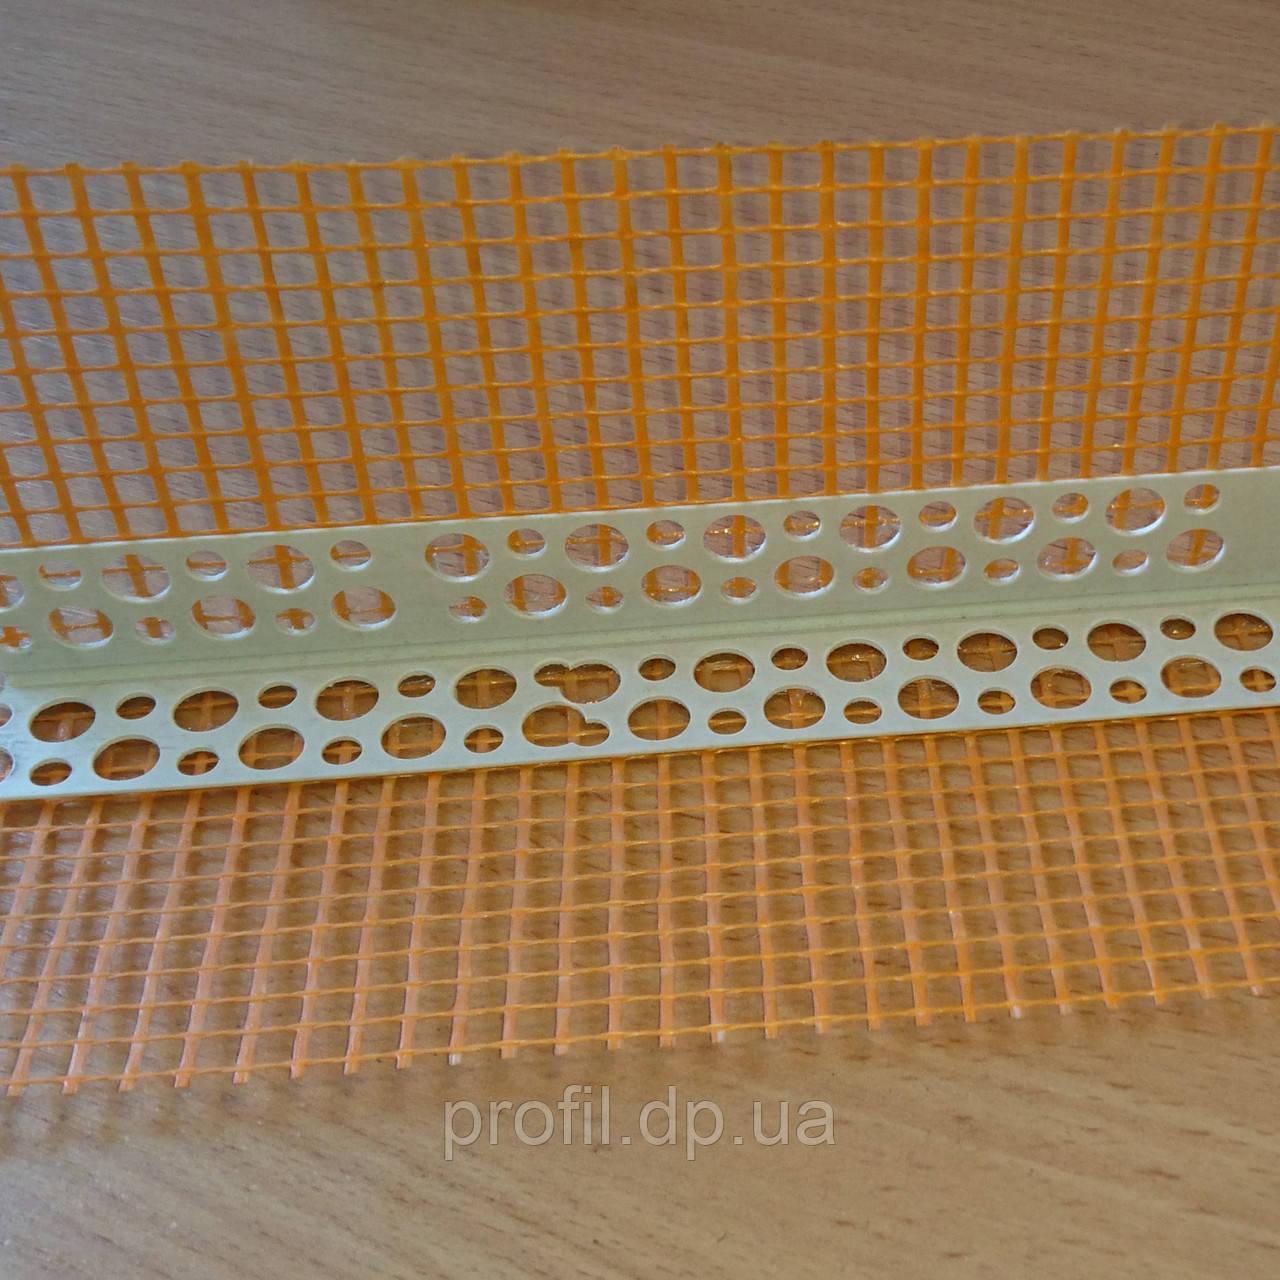 Уголок ПВХ перфорированный с сеткой 7*7 см 3 м